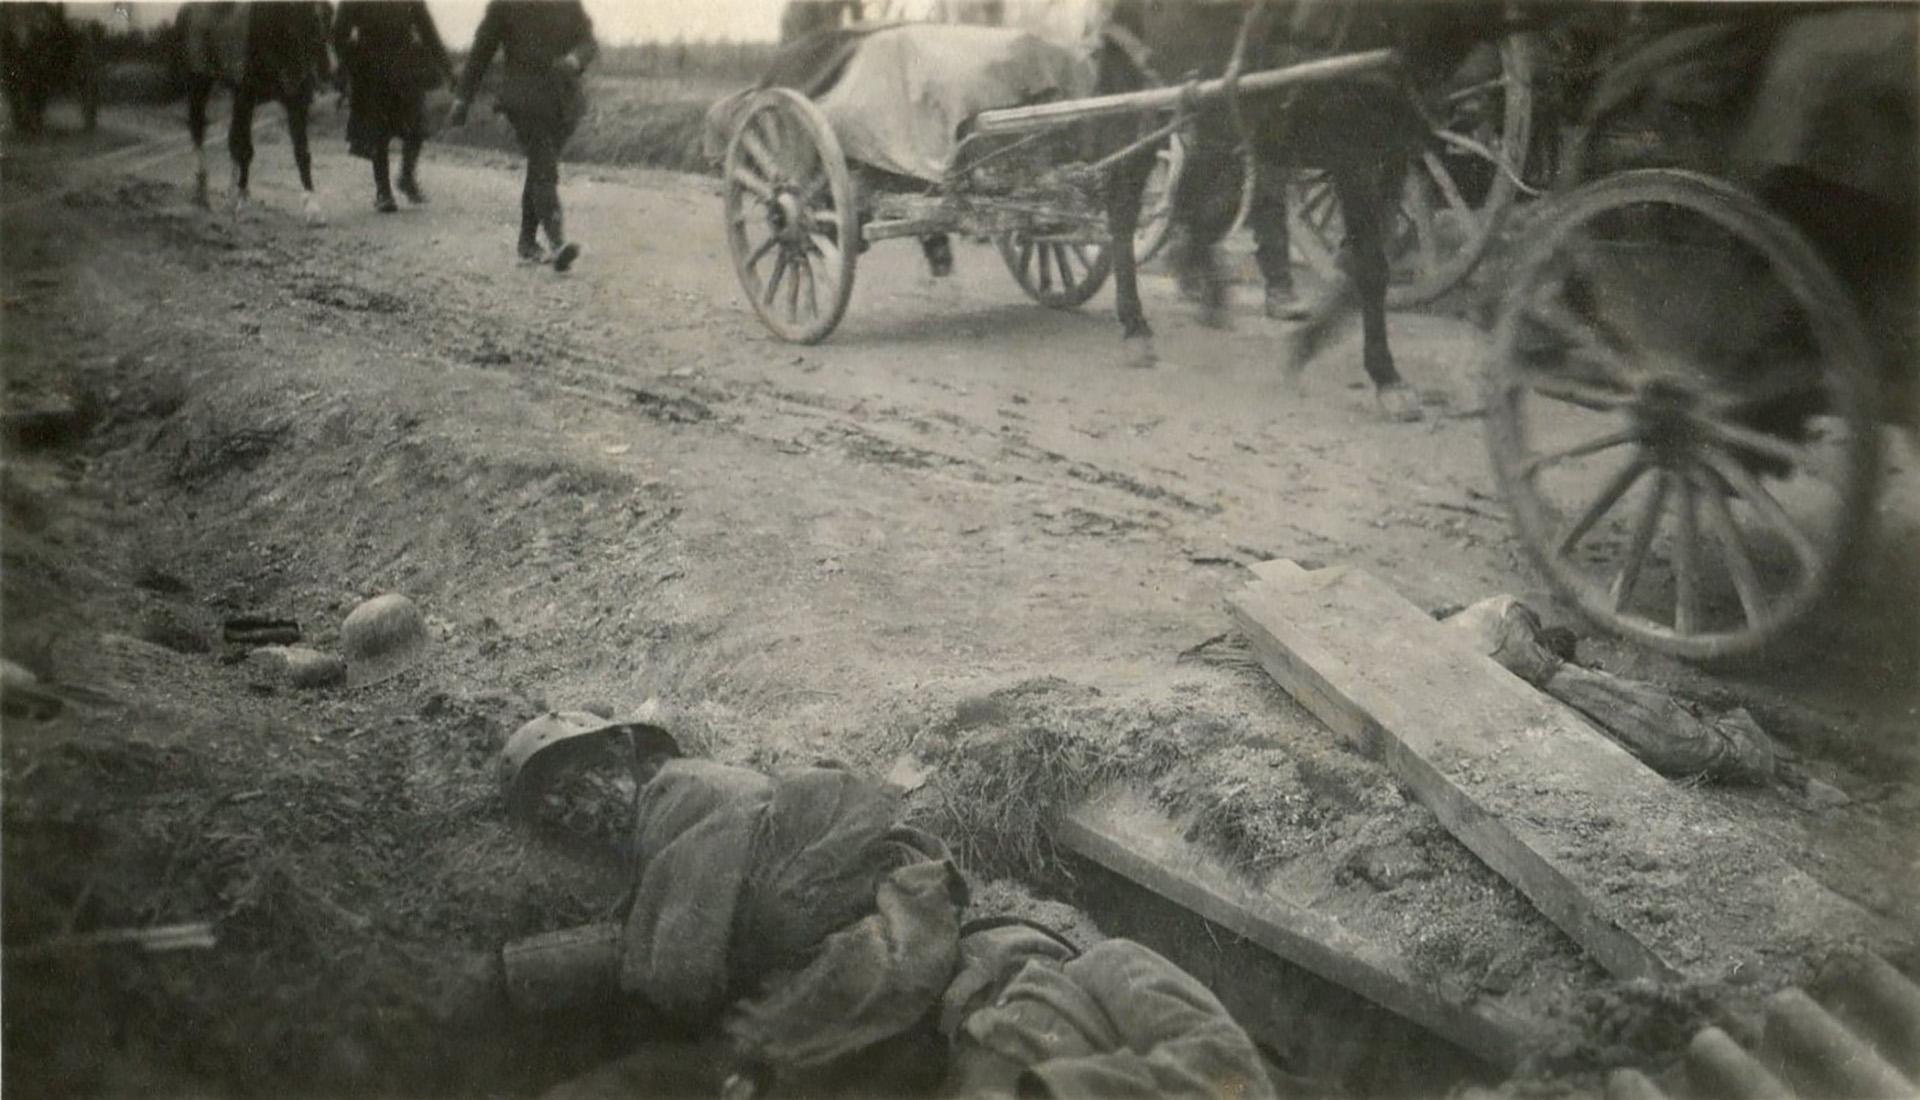 Este soldado alemán yace muerto en una zanja mientras la columna aliada de carros y caballos avanza